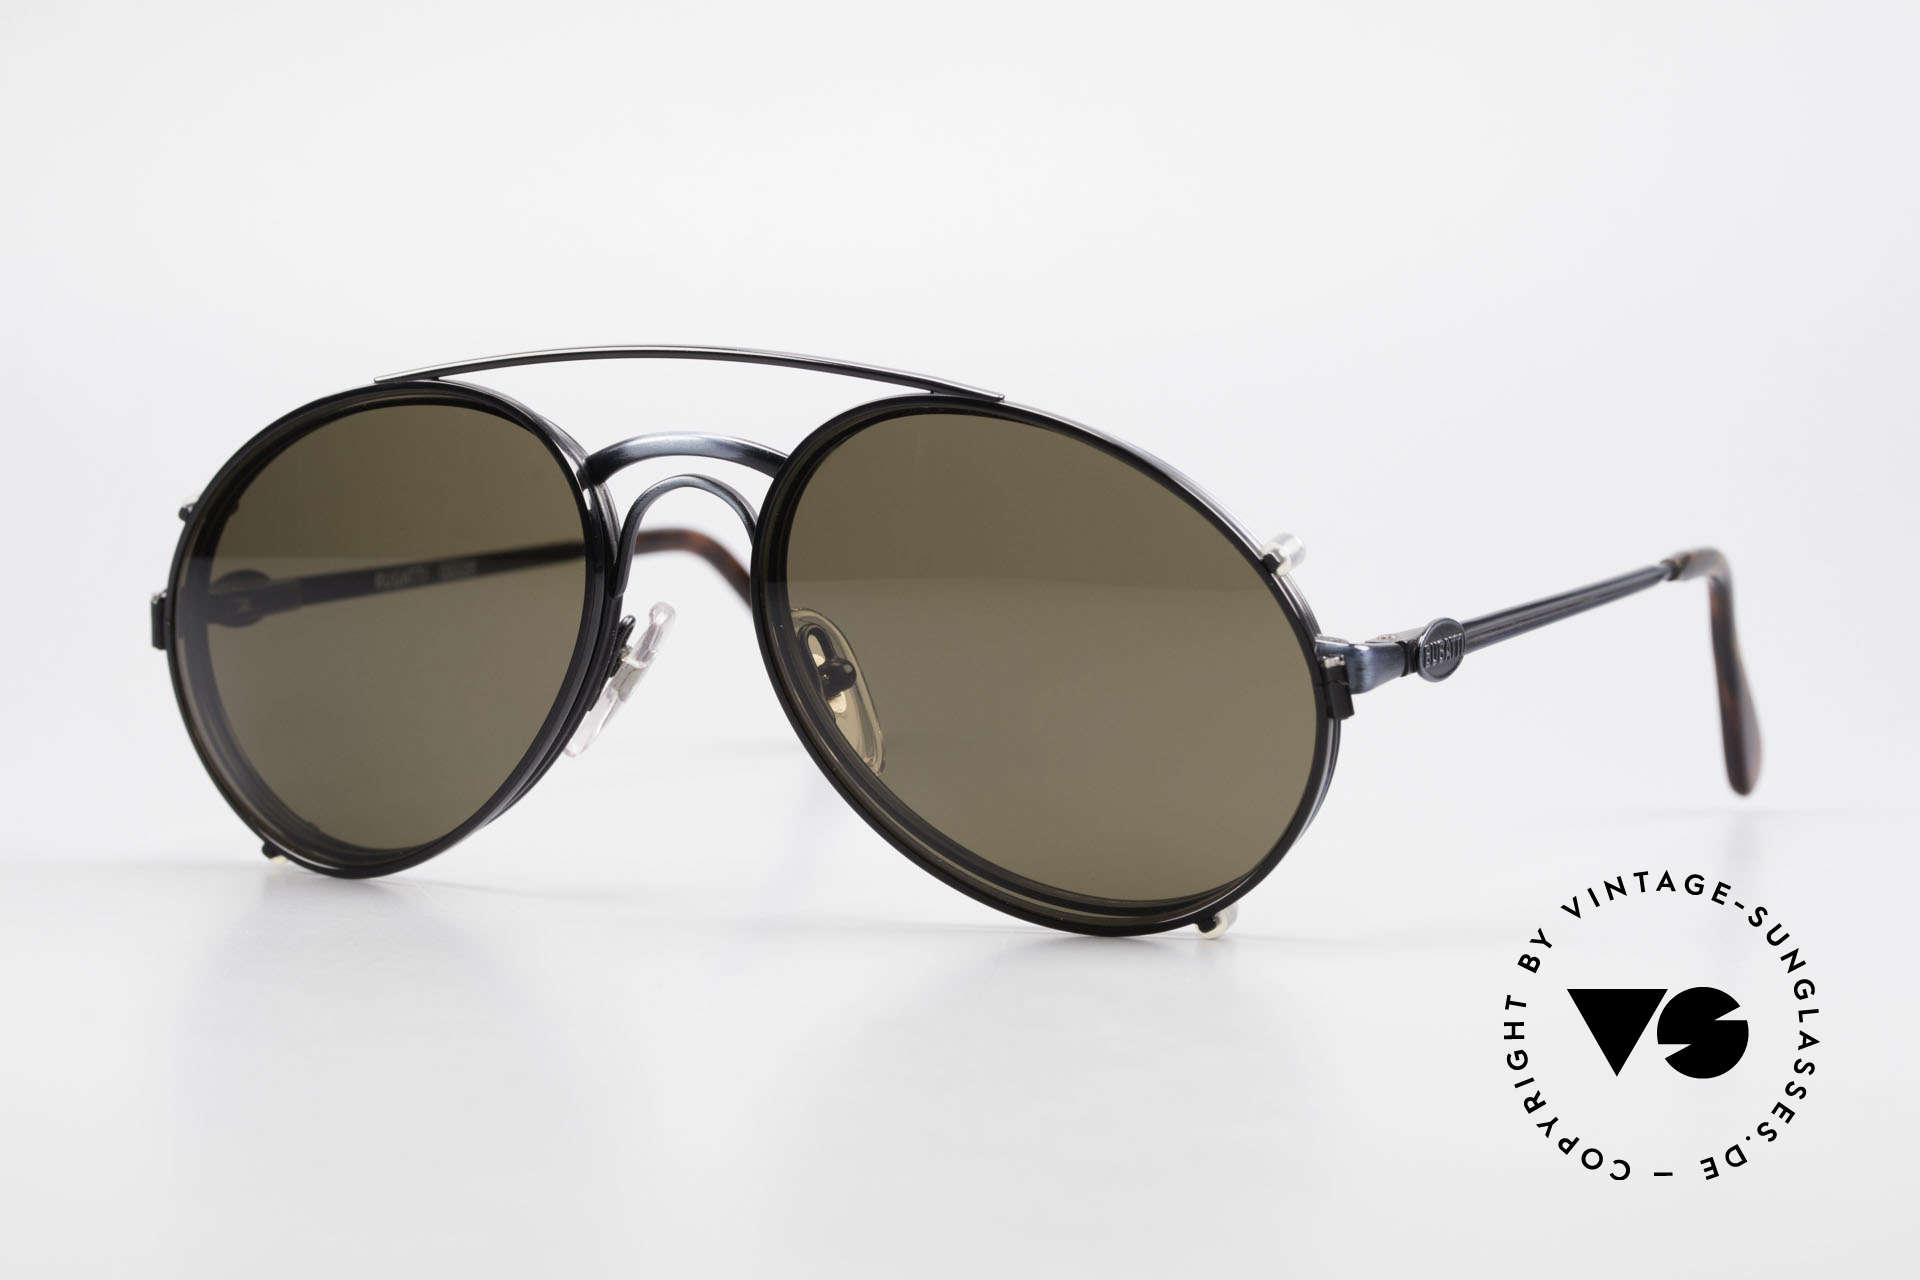 Bugatti 03328 Herrensonnenbrille Clip On, klassische BUGATTI vintage Sonnenbrille von 1989, Passend für Herren